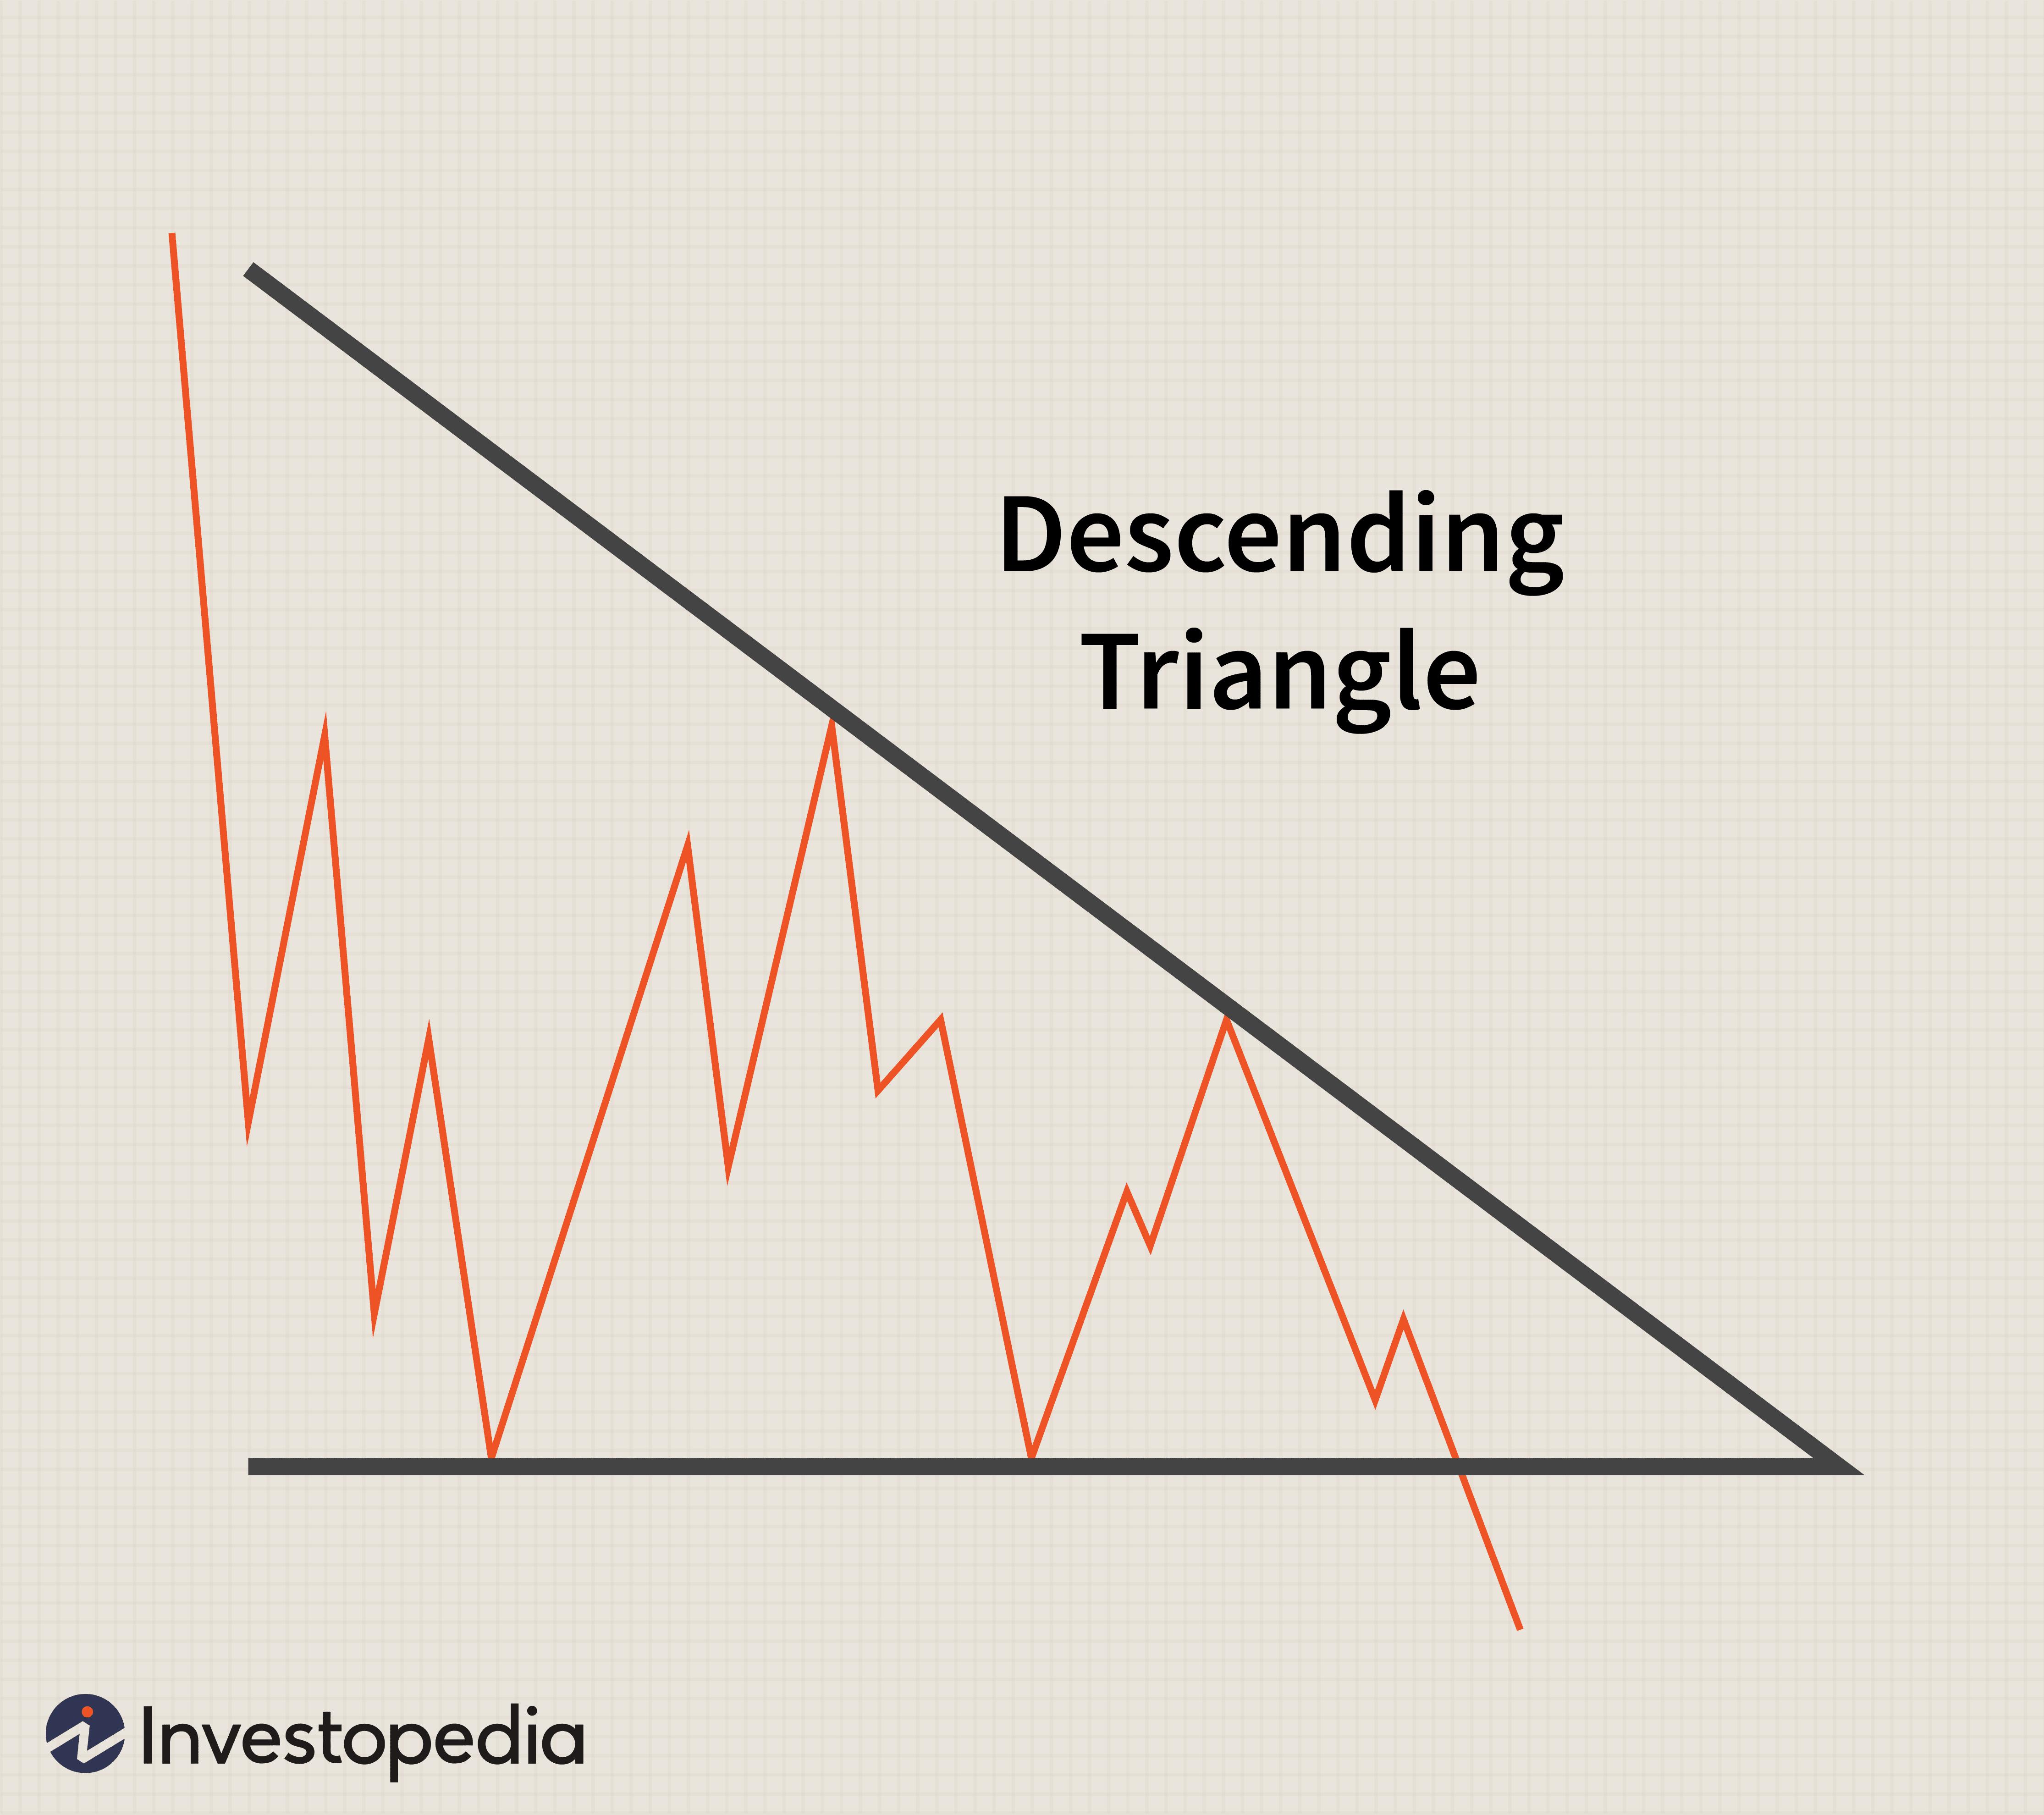 Descending Triangle